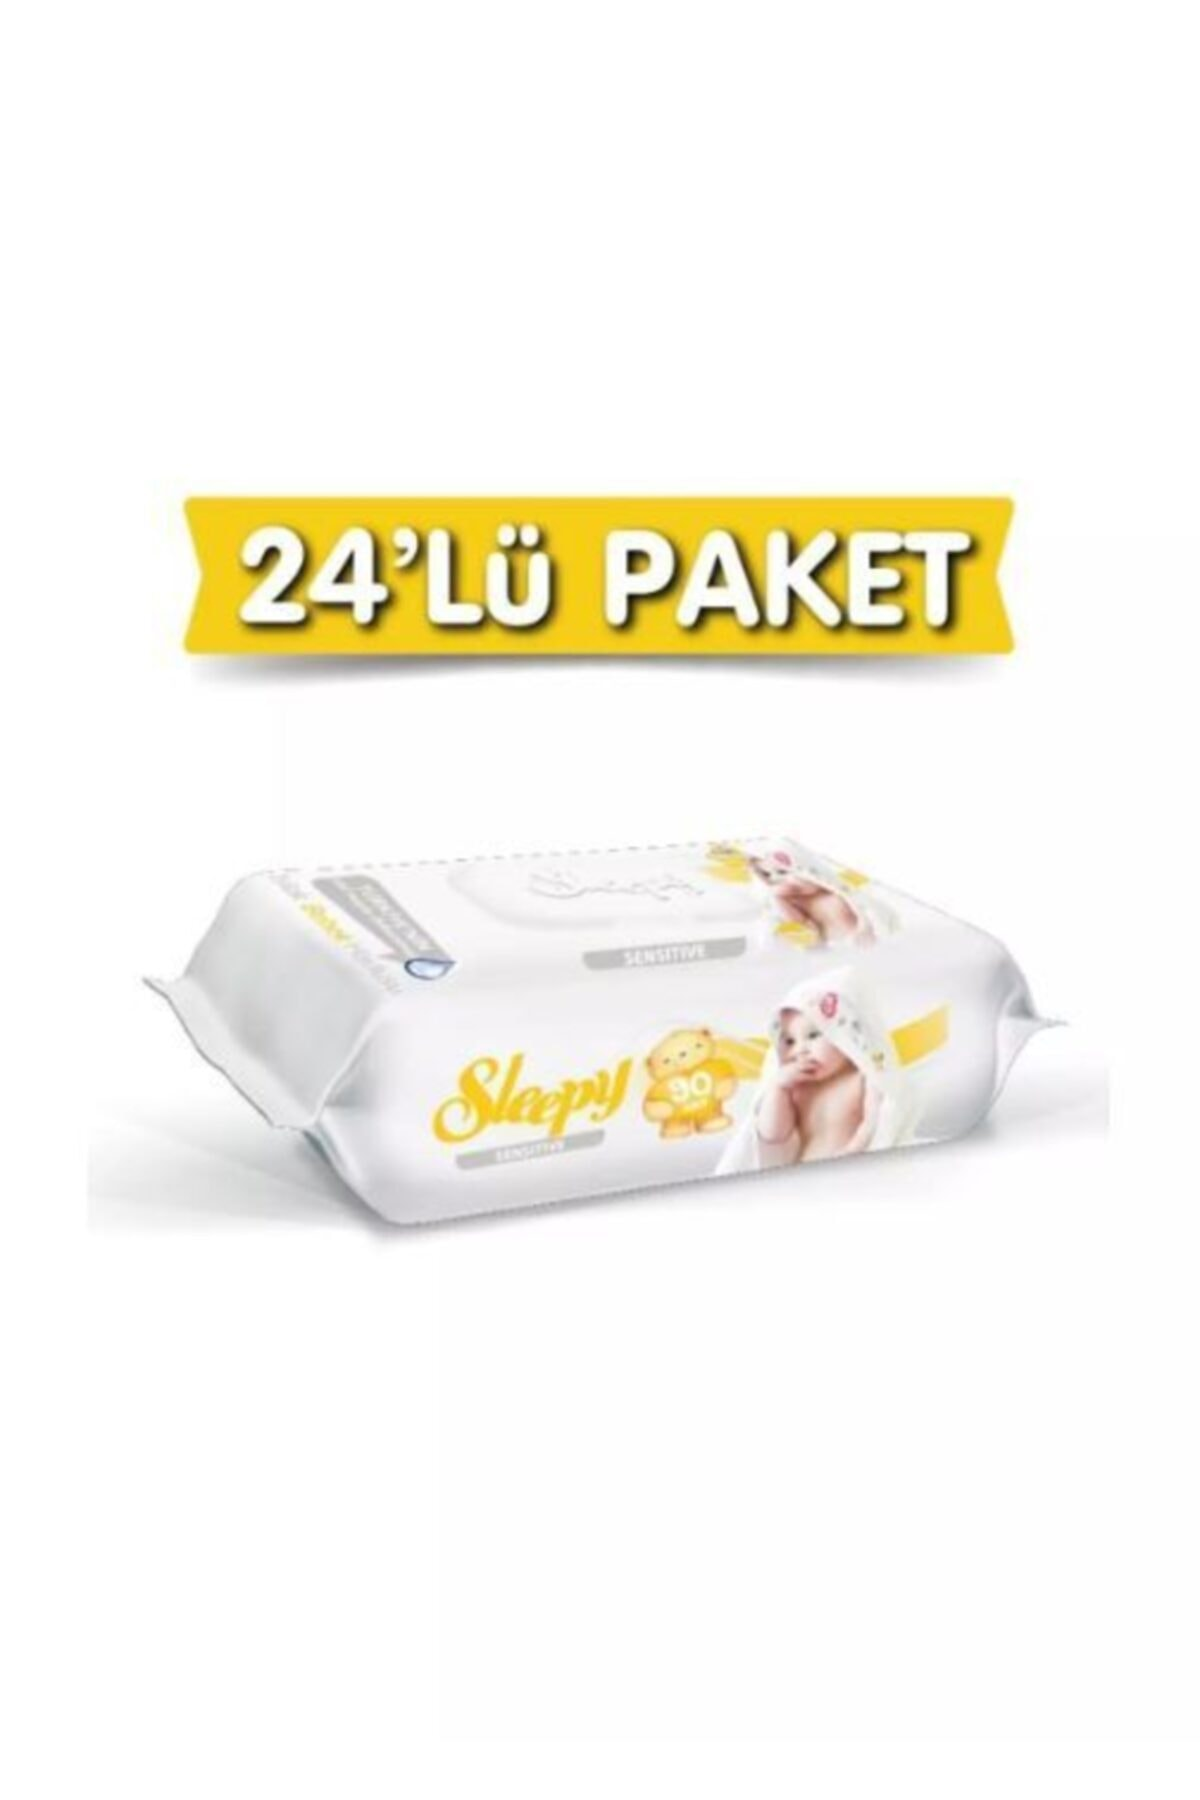 Sleepy Islak Mendil 90 Lı Sensitive 24 Lü Paket 2160 Yaprak 1